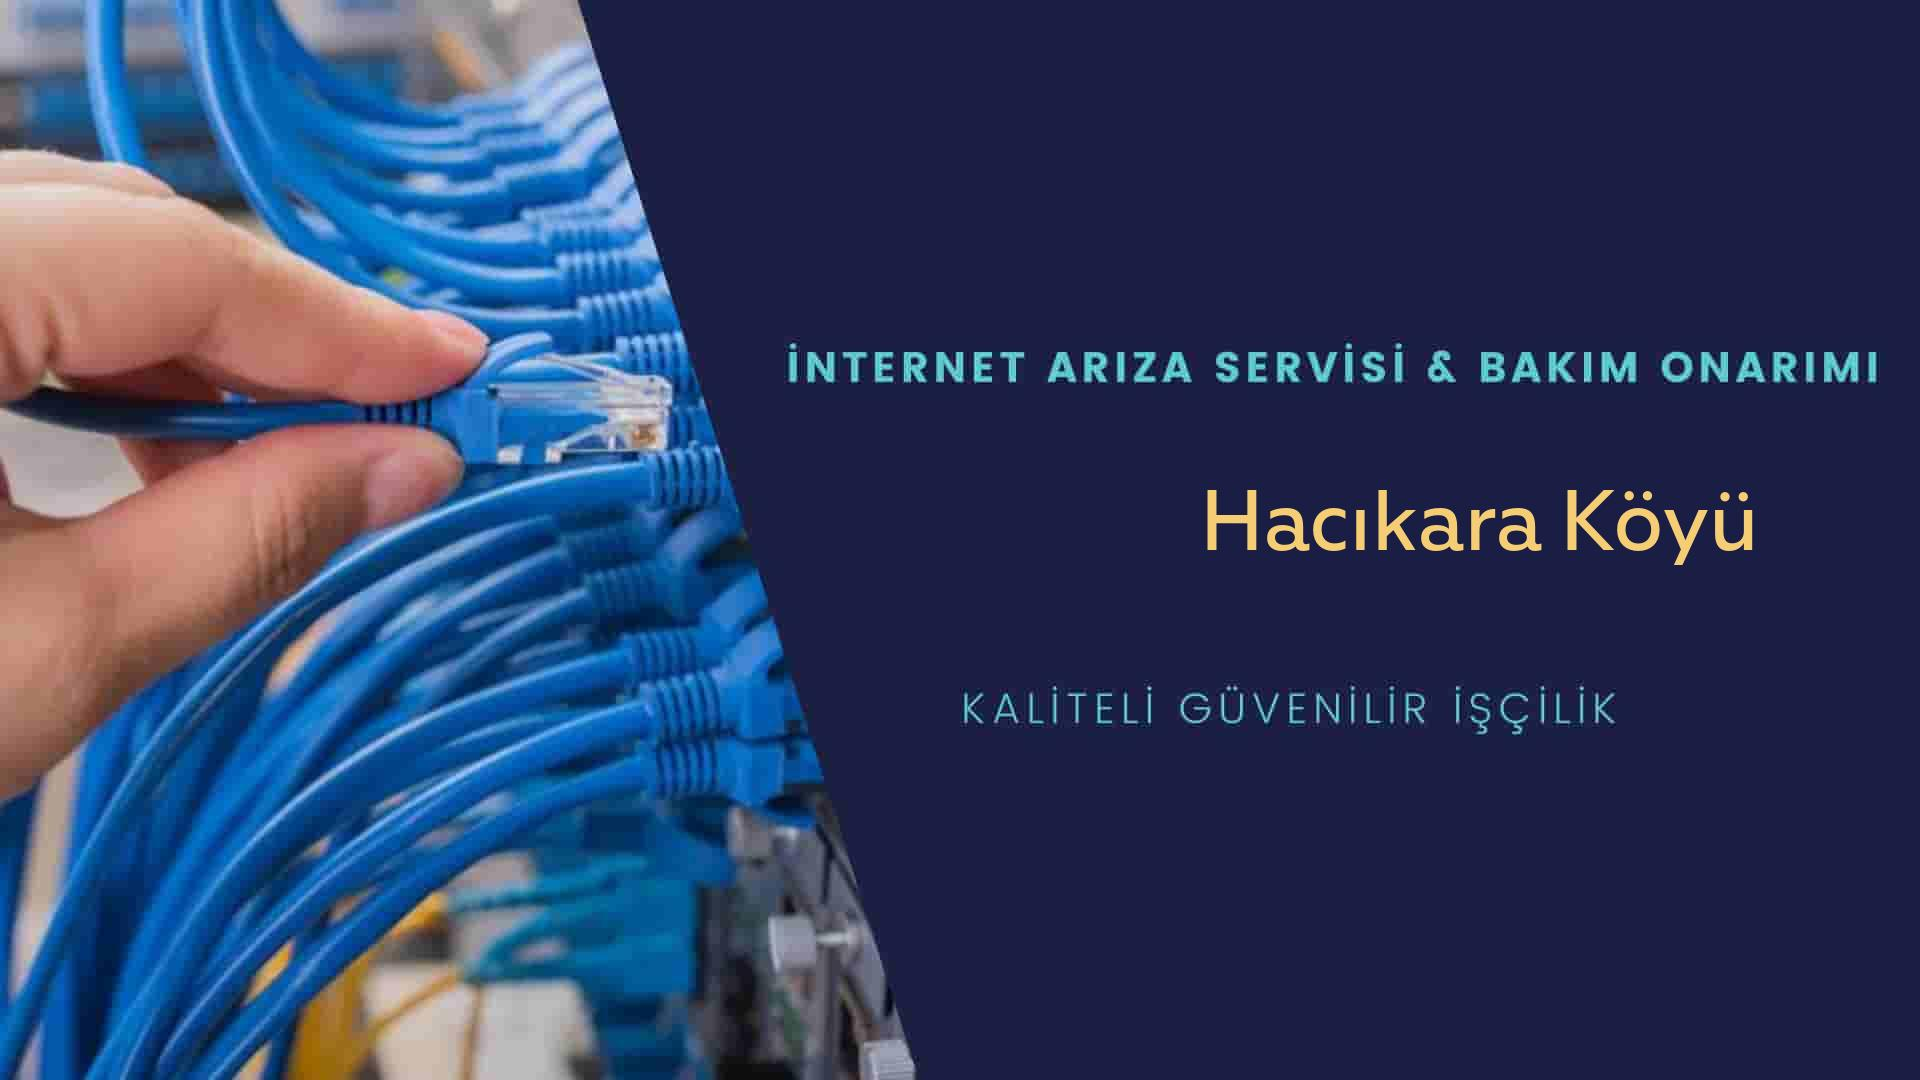 Hacıkara Köyü internet kablosu çekimi yapan yerler veya elektrikçiler mi? arıyorsunuz doğru yerdesiniz o zaman sizlere 7/24 yardımcı olacak profesyonel ustalarımız bir telefon kadar yakındır size.